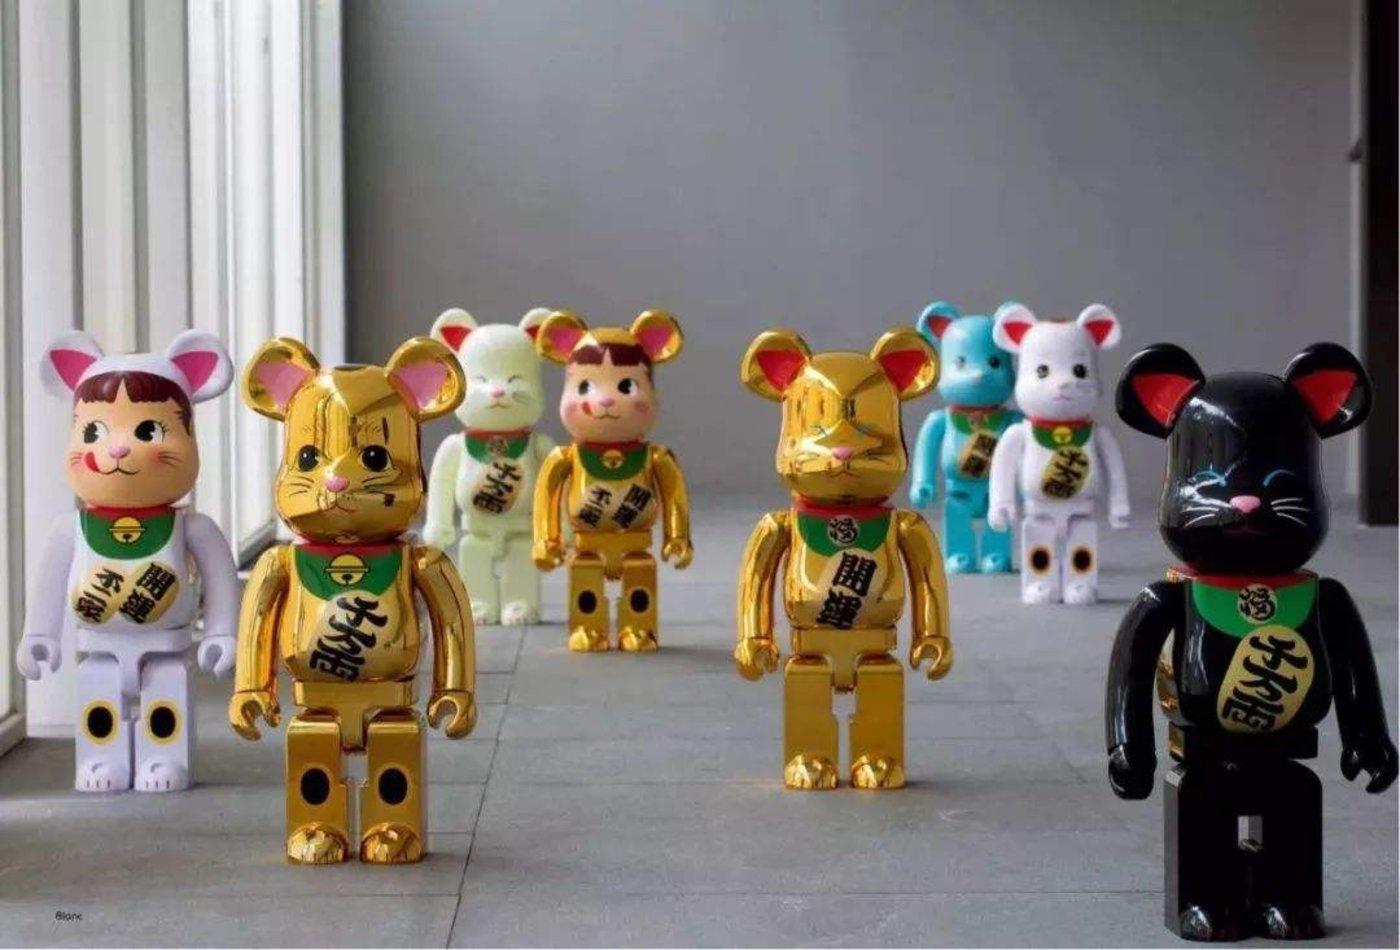 ▲知名潮玩IP bearbrick 1000%招财猫系列,一组8只,2018年伯乐德拍卖中,每组成交价在40,000~60,000人民币之间。